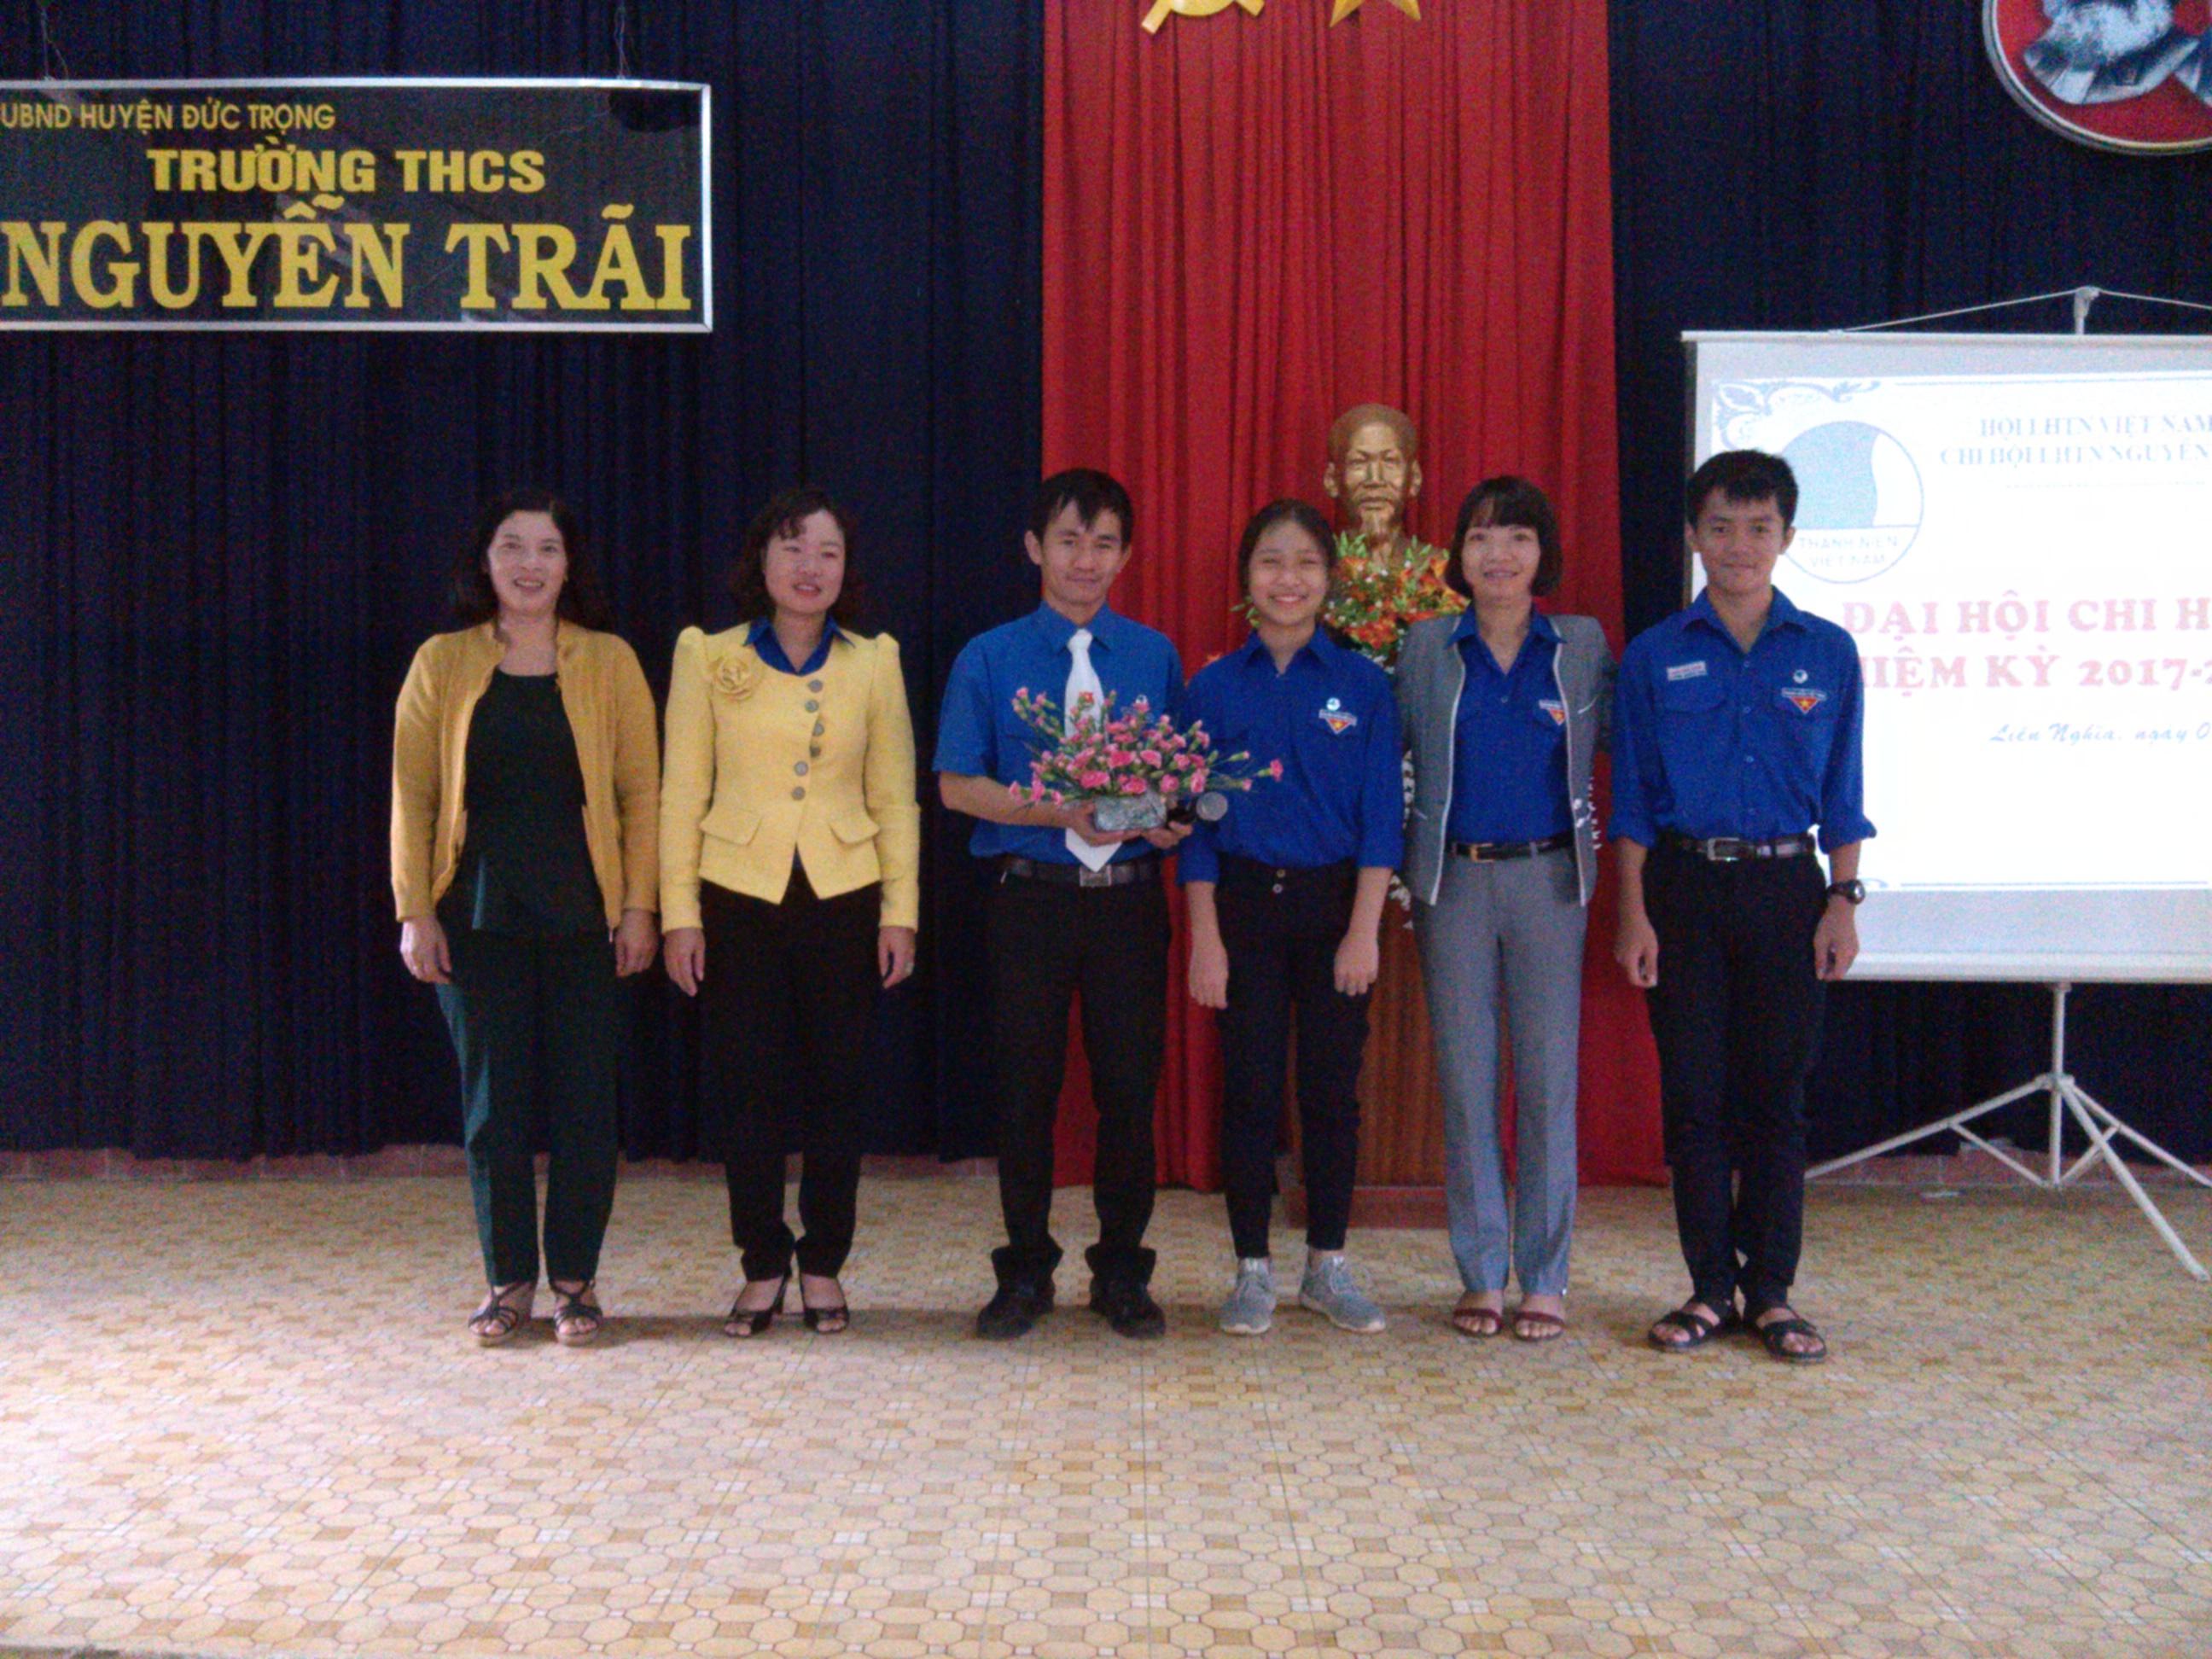 Một số hình ảnh đại hội Hội Liên Hiệp Thanh Niên Trường THCS Nguyễn Trãi năm học 2017-2018